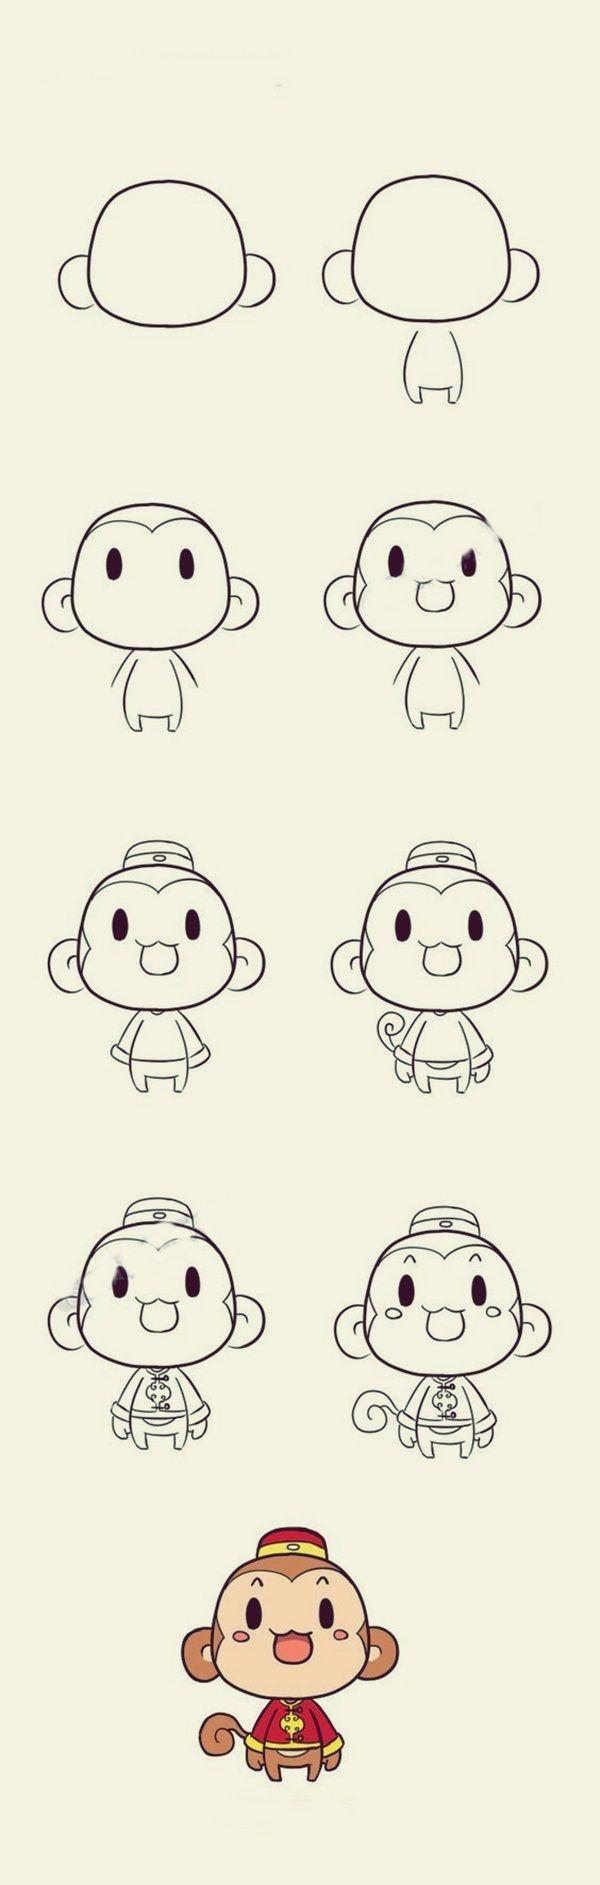 How To Draw Cute Animals 40 Examples Desenhos Para Desenhar